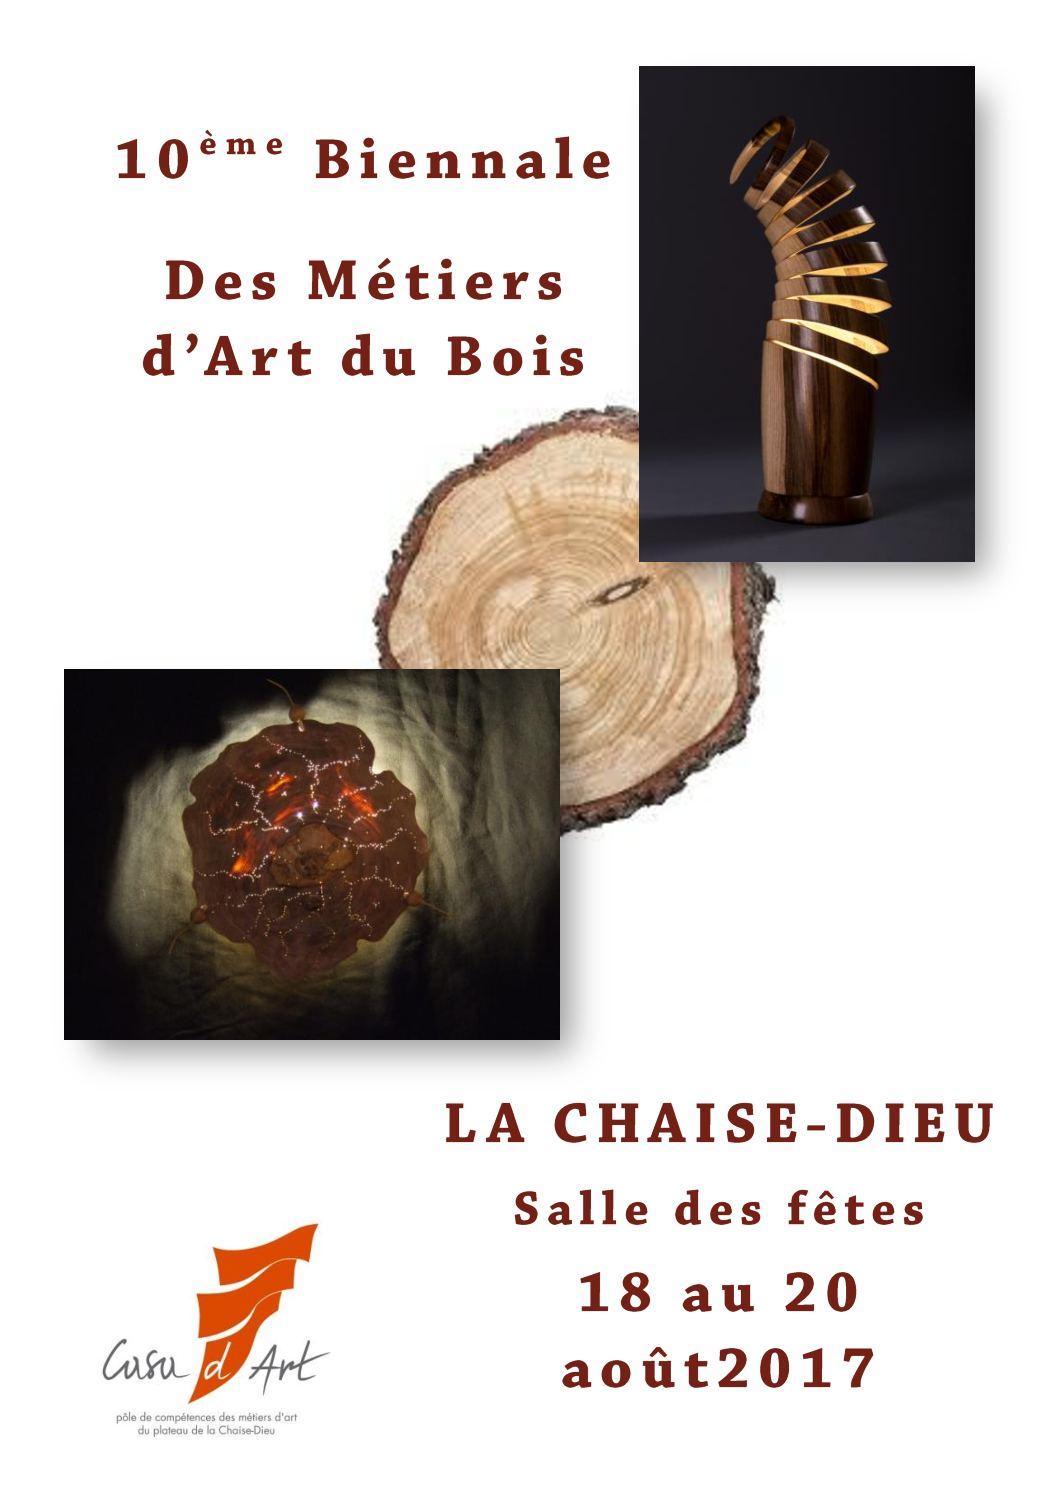 Calam o biennale des metiers d 39 art du bois la chaise dieu for Biennale artisanat d art